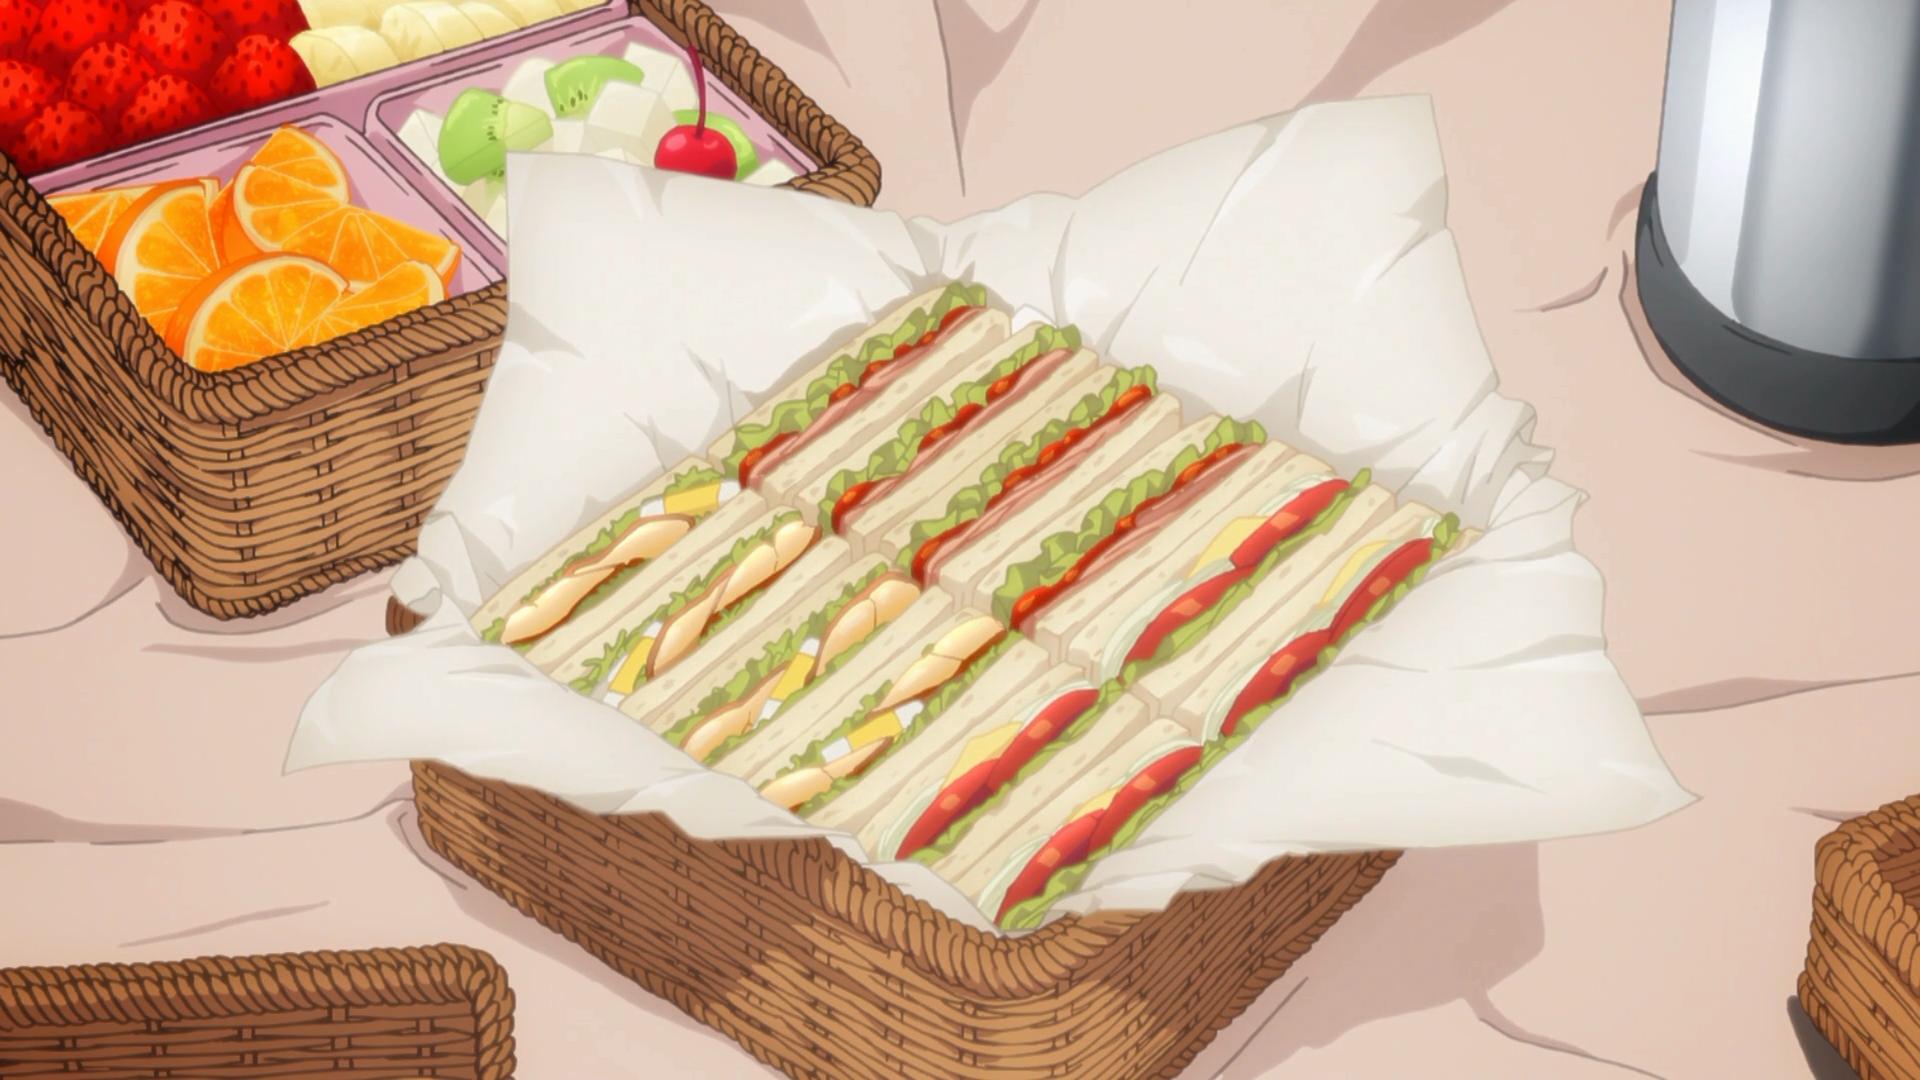 Imagem de comida é mais interessante que essa temporada de Fate/Stay Night na média